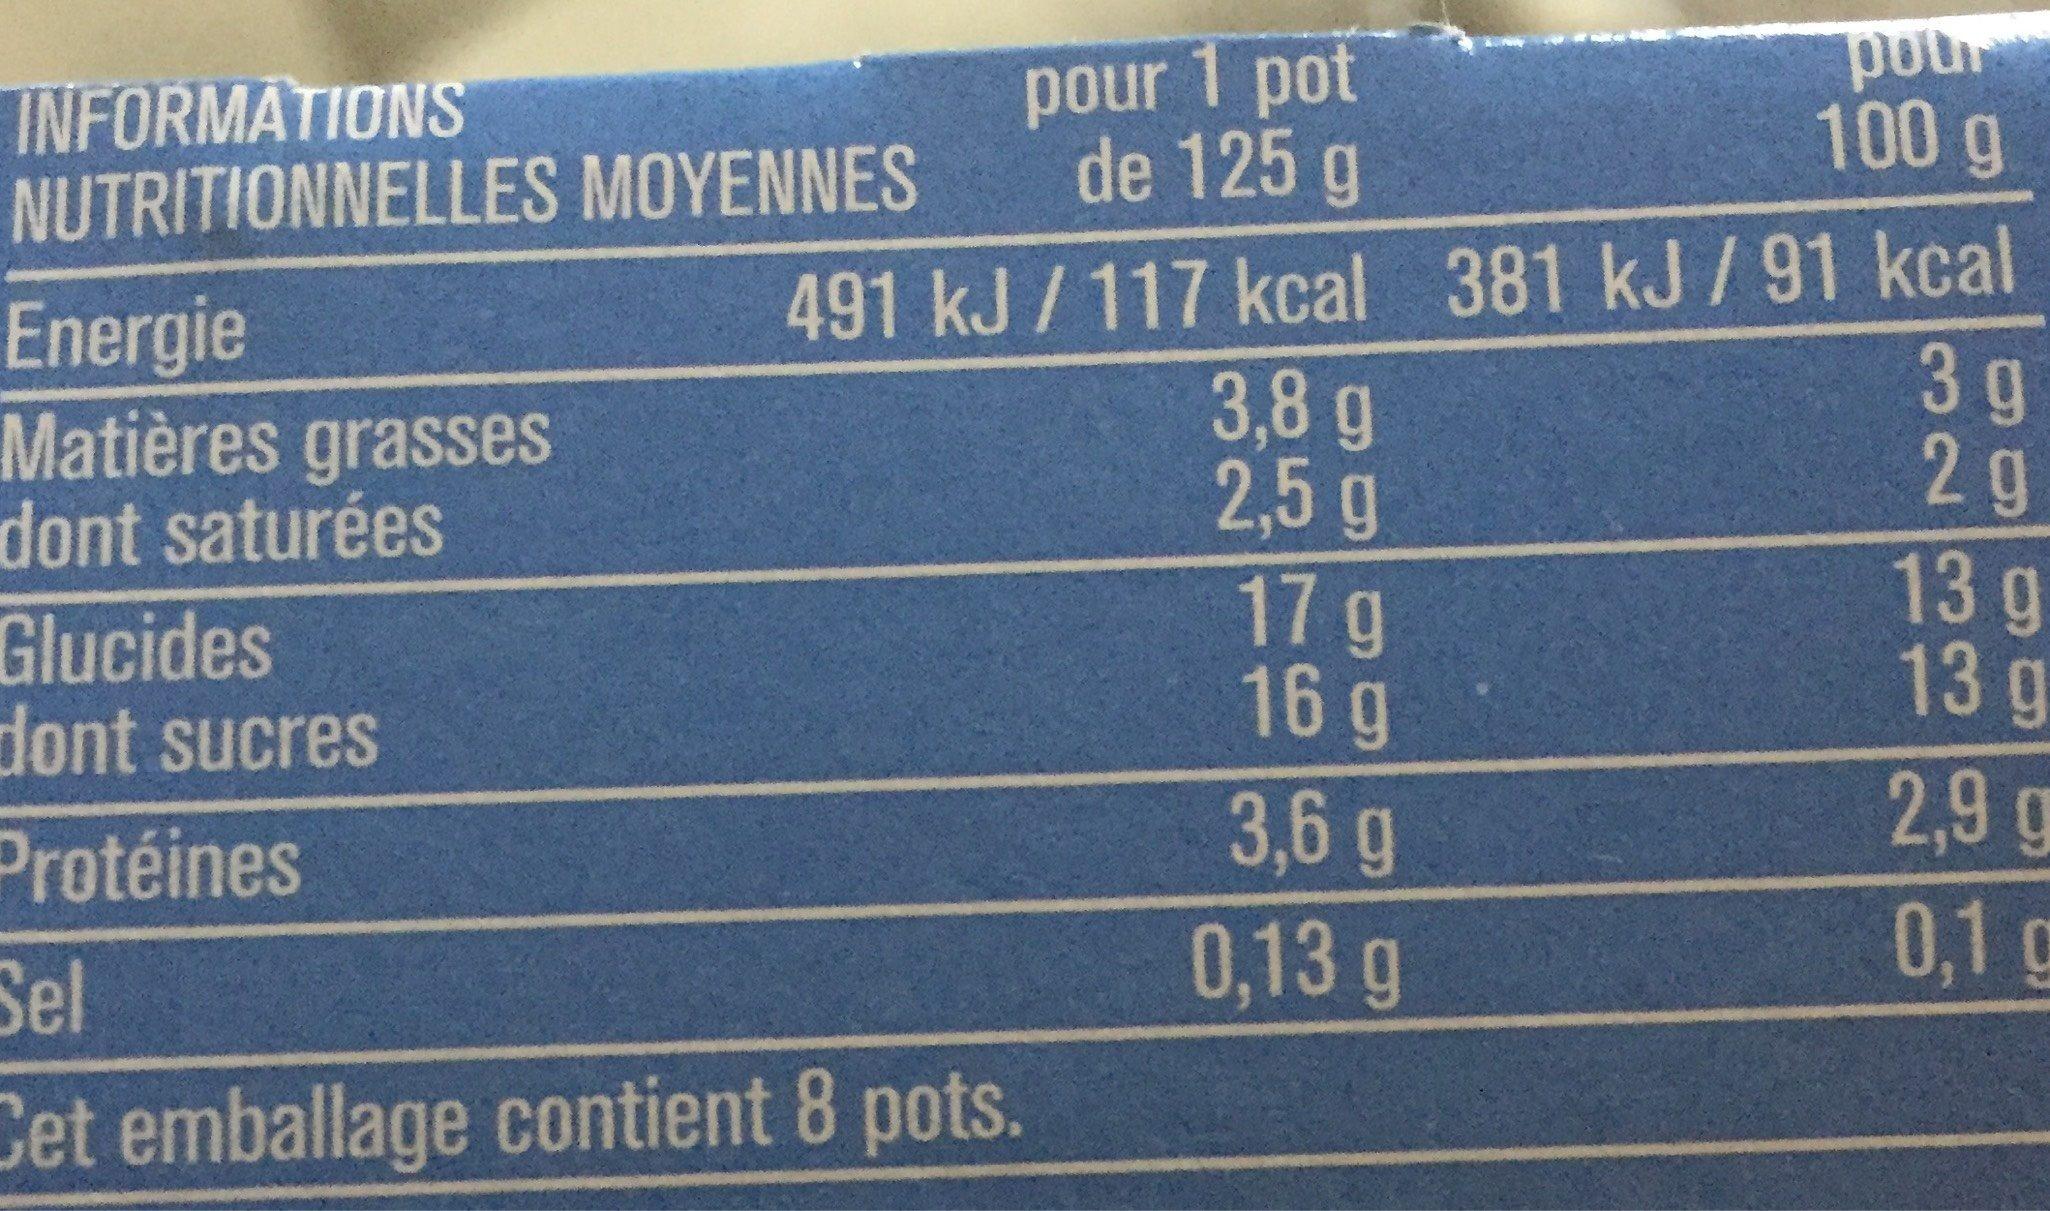 Yaout sans morceaux brassés aux fruits - Nutrition facts